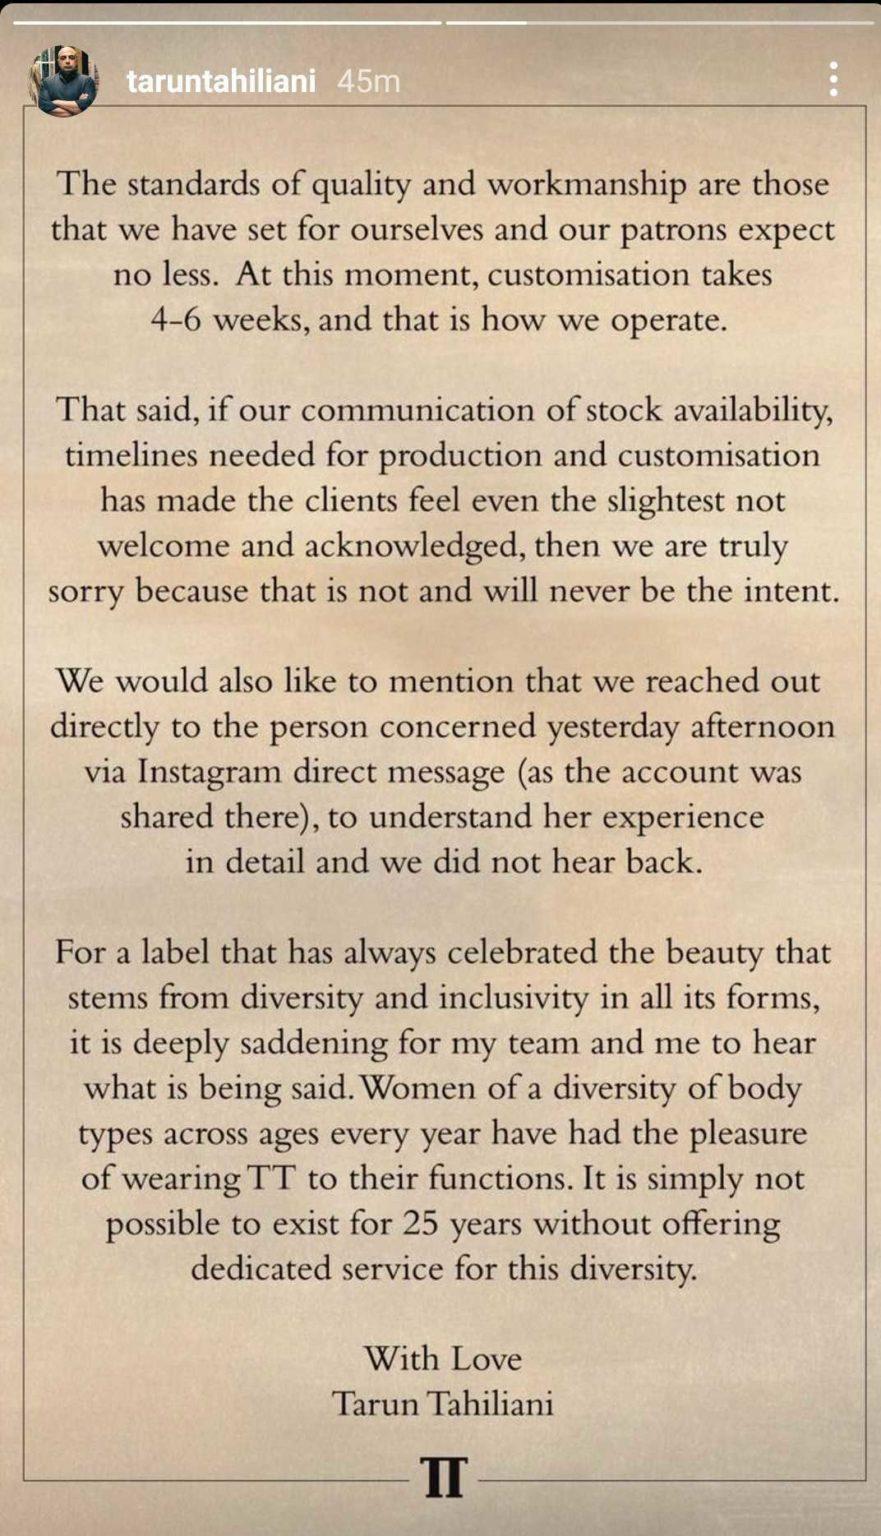 Tarun Tahiliani's note